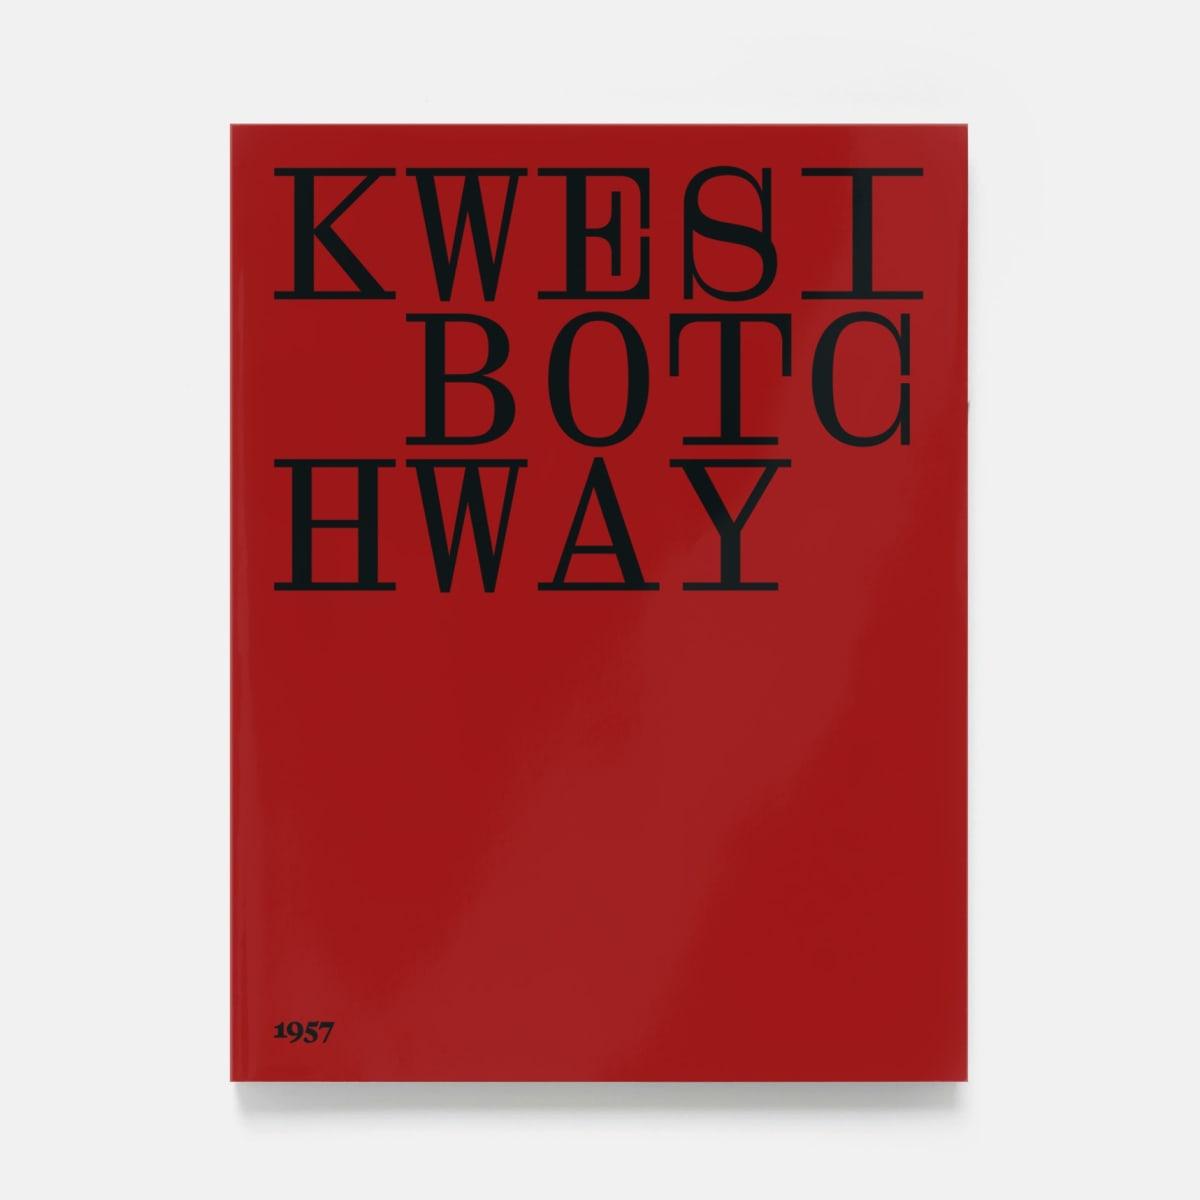 Kwesi Botchway